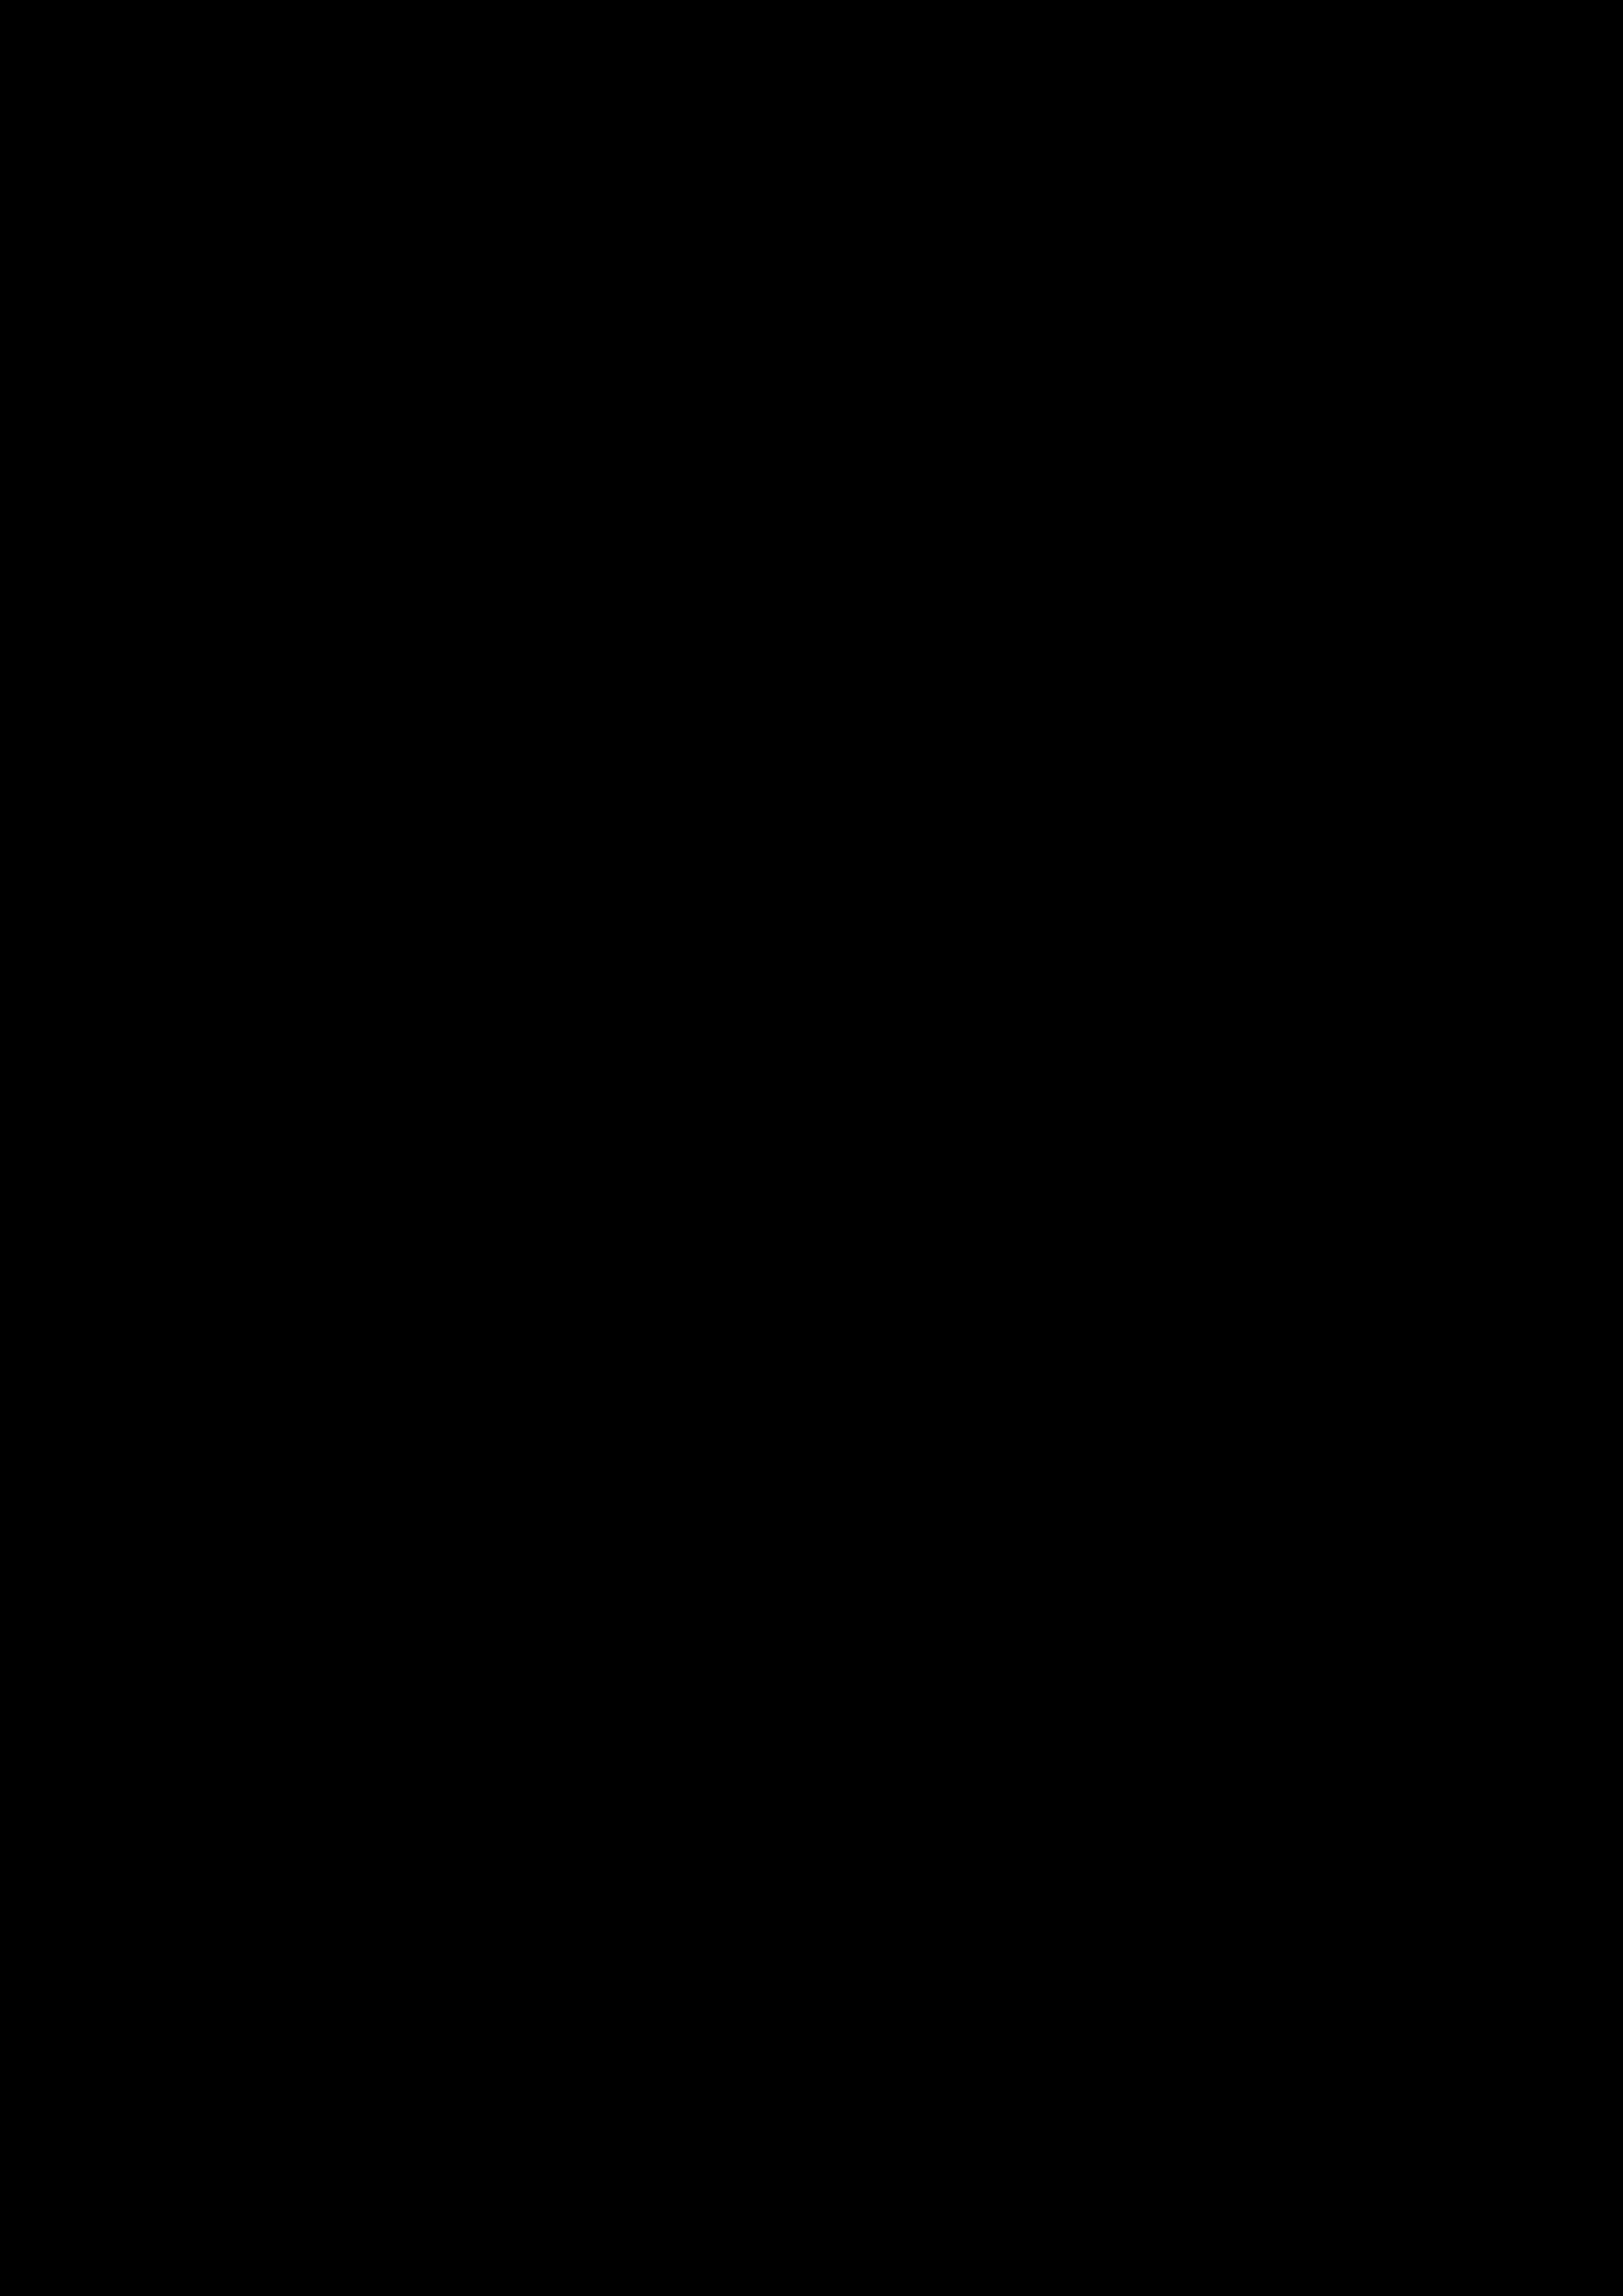 10. Nacht der Revanche am 17.6.2017 ab 18:00 Uhr